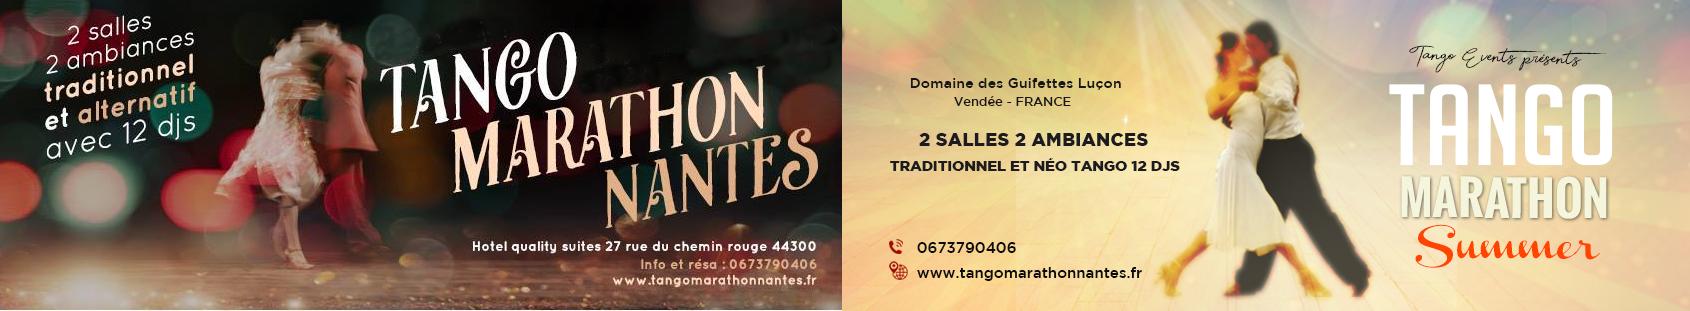 Tango Marathon Nantes 2020